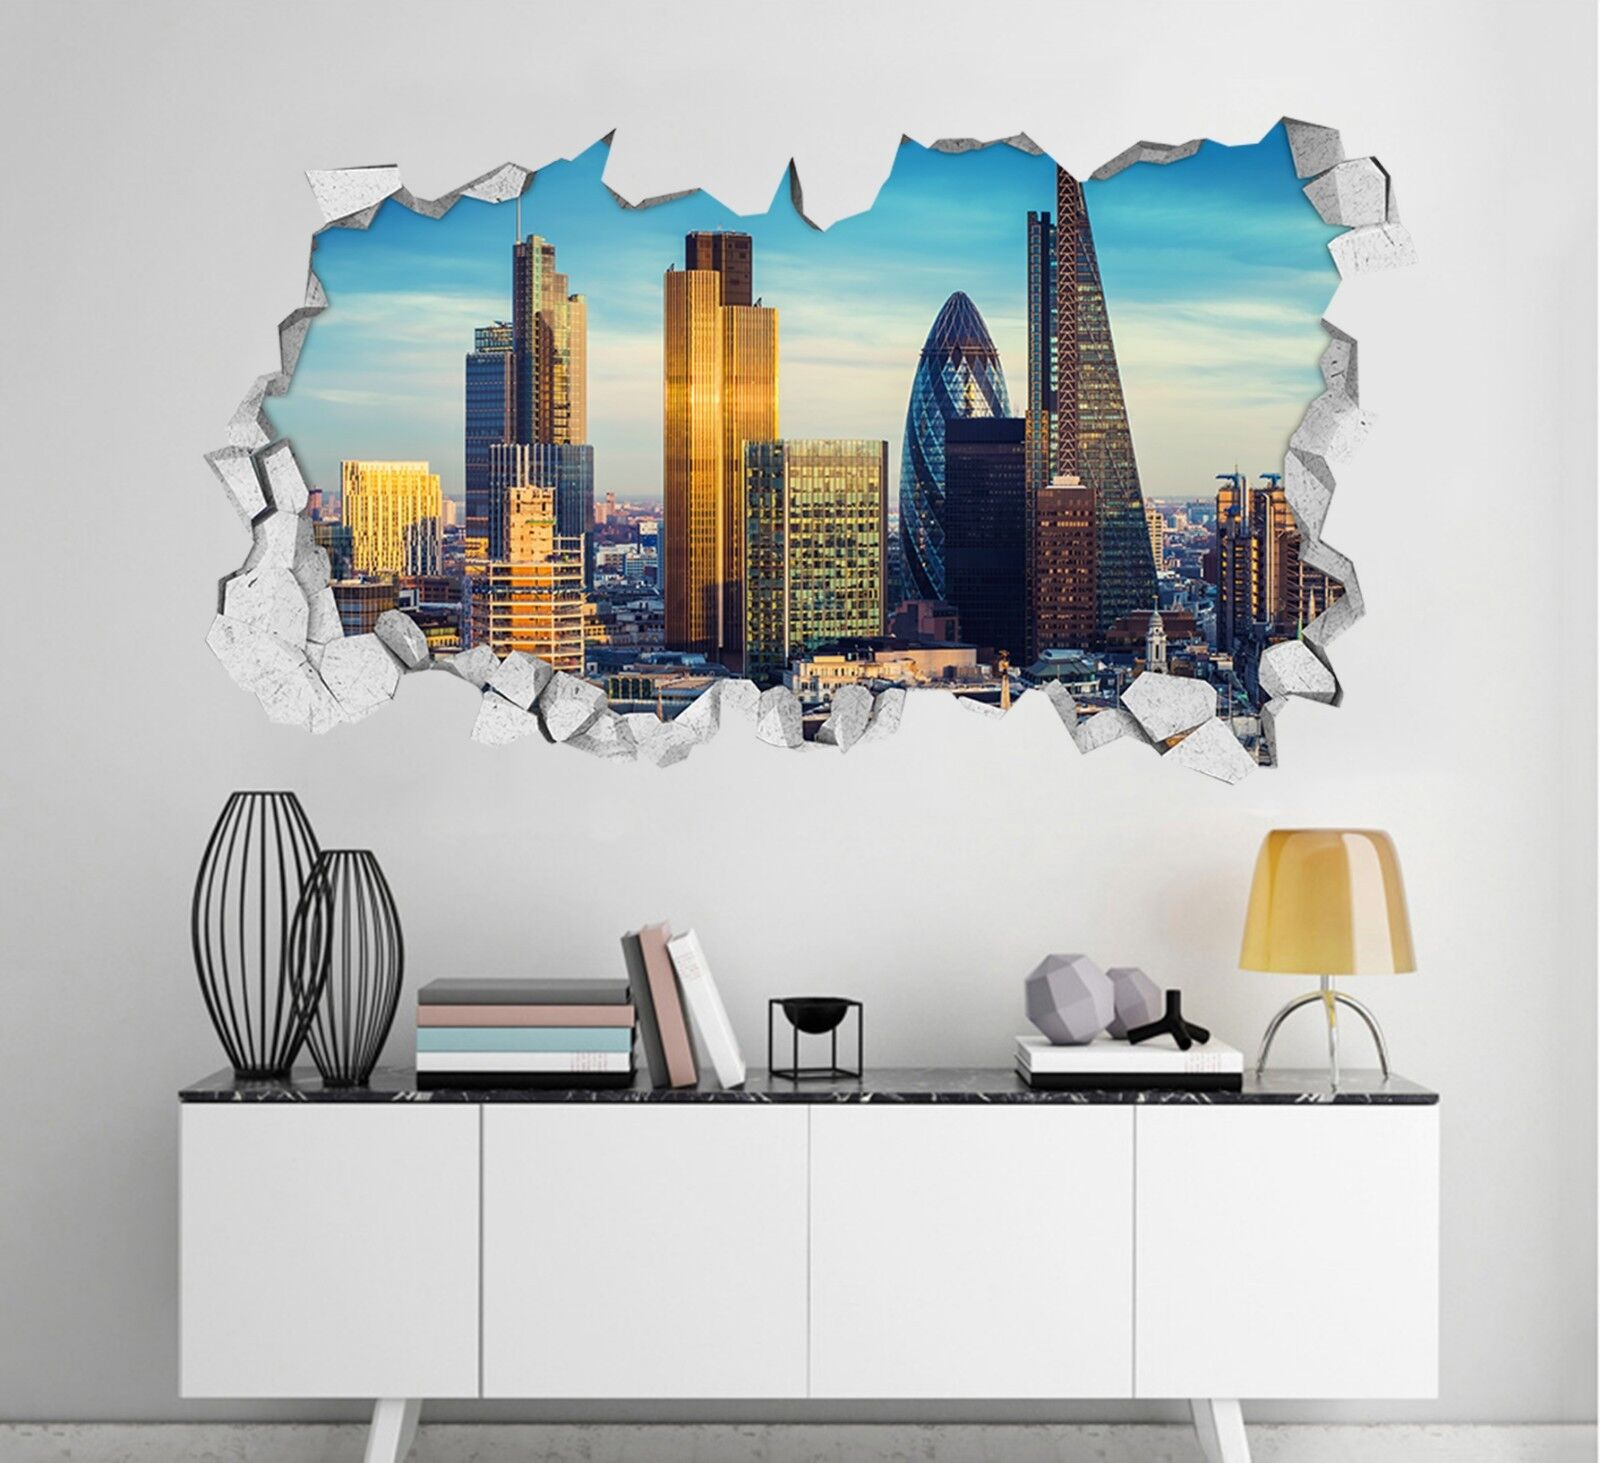 3D London Gebäude 1 Mauer Murals Mauer Aufklebe Decal Durchbruch AJ WALLPAPER DE